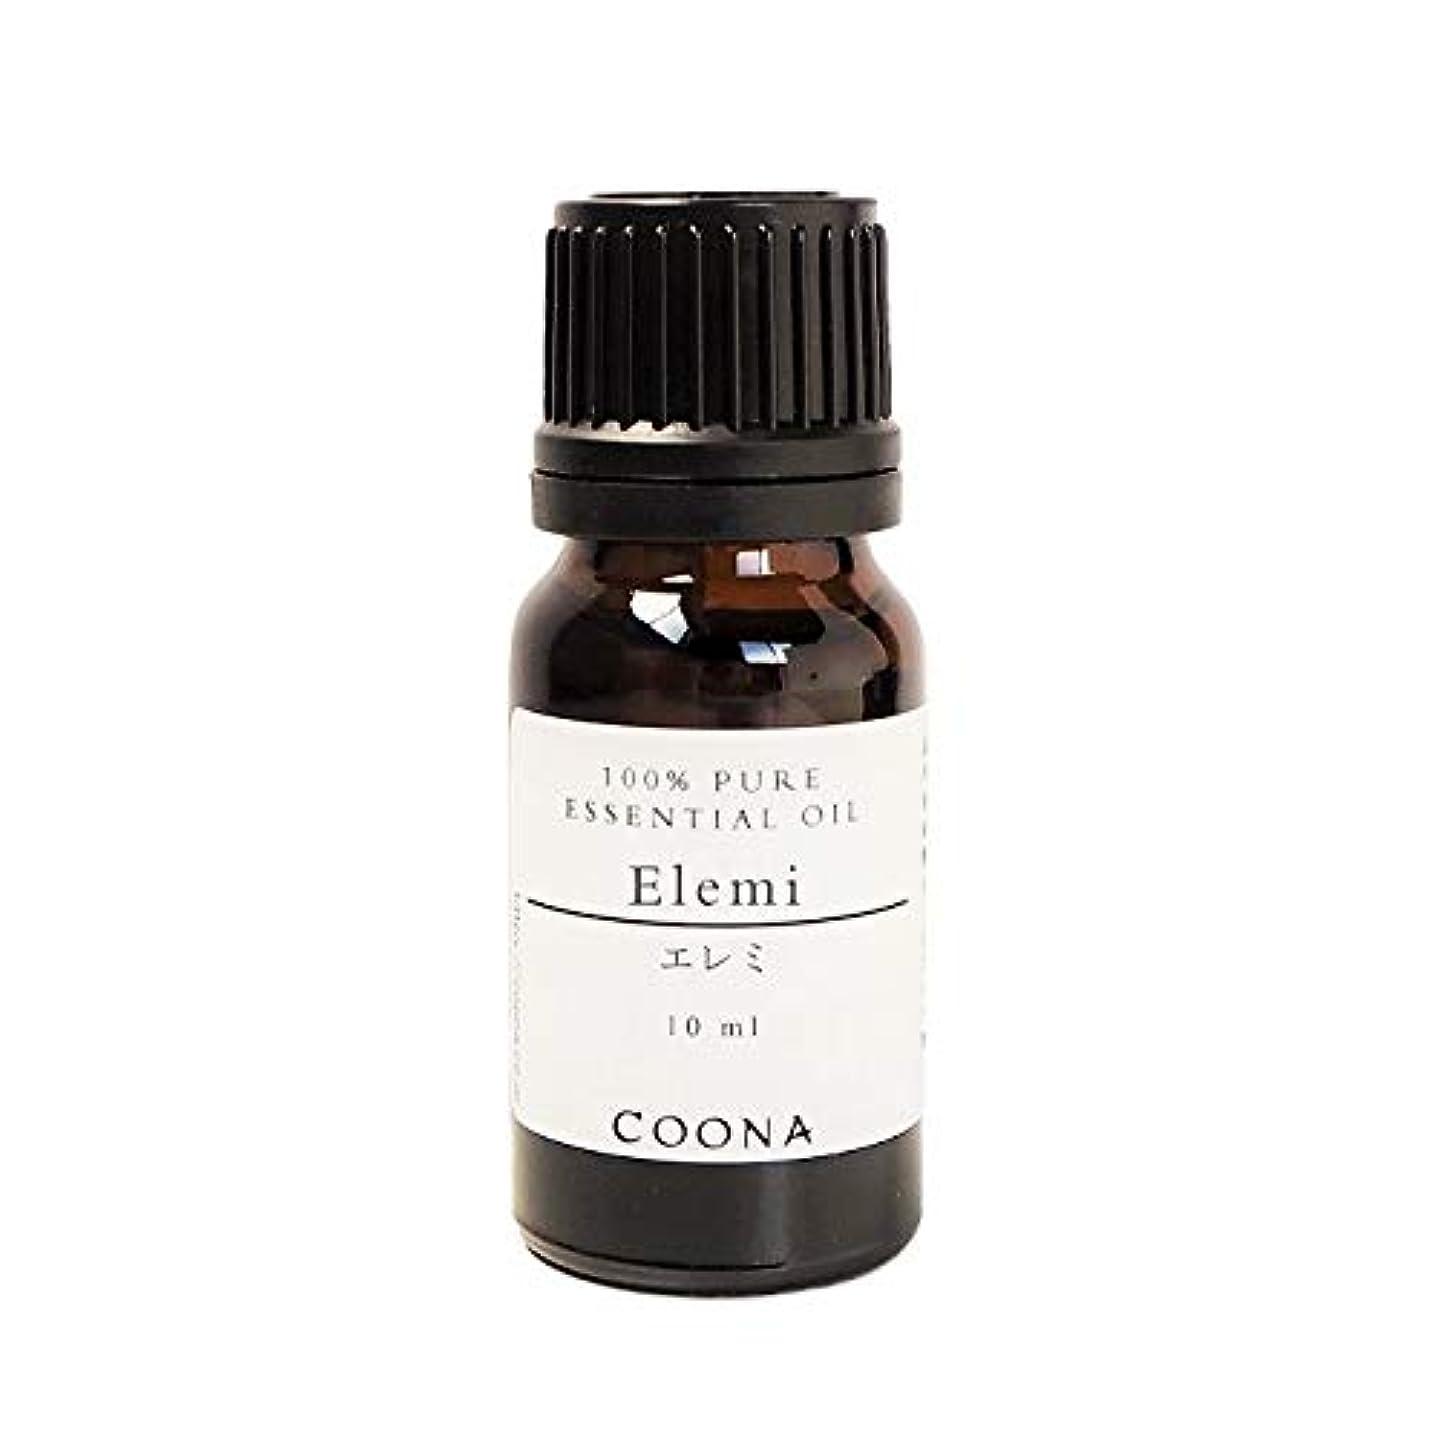 マルコポーロカップルきらめきエレミ 10 ml (COONA エッセンシャルオイル アロマオイル 100%天然植物精油)